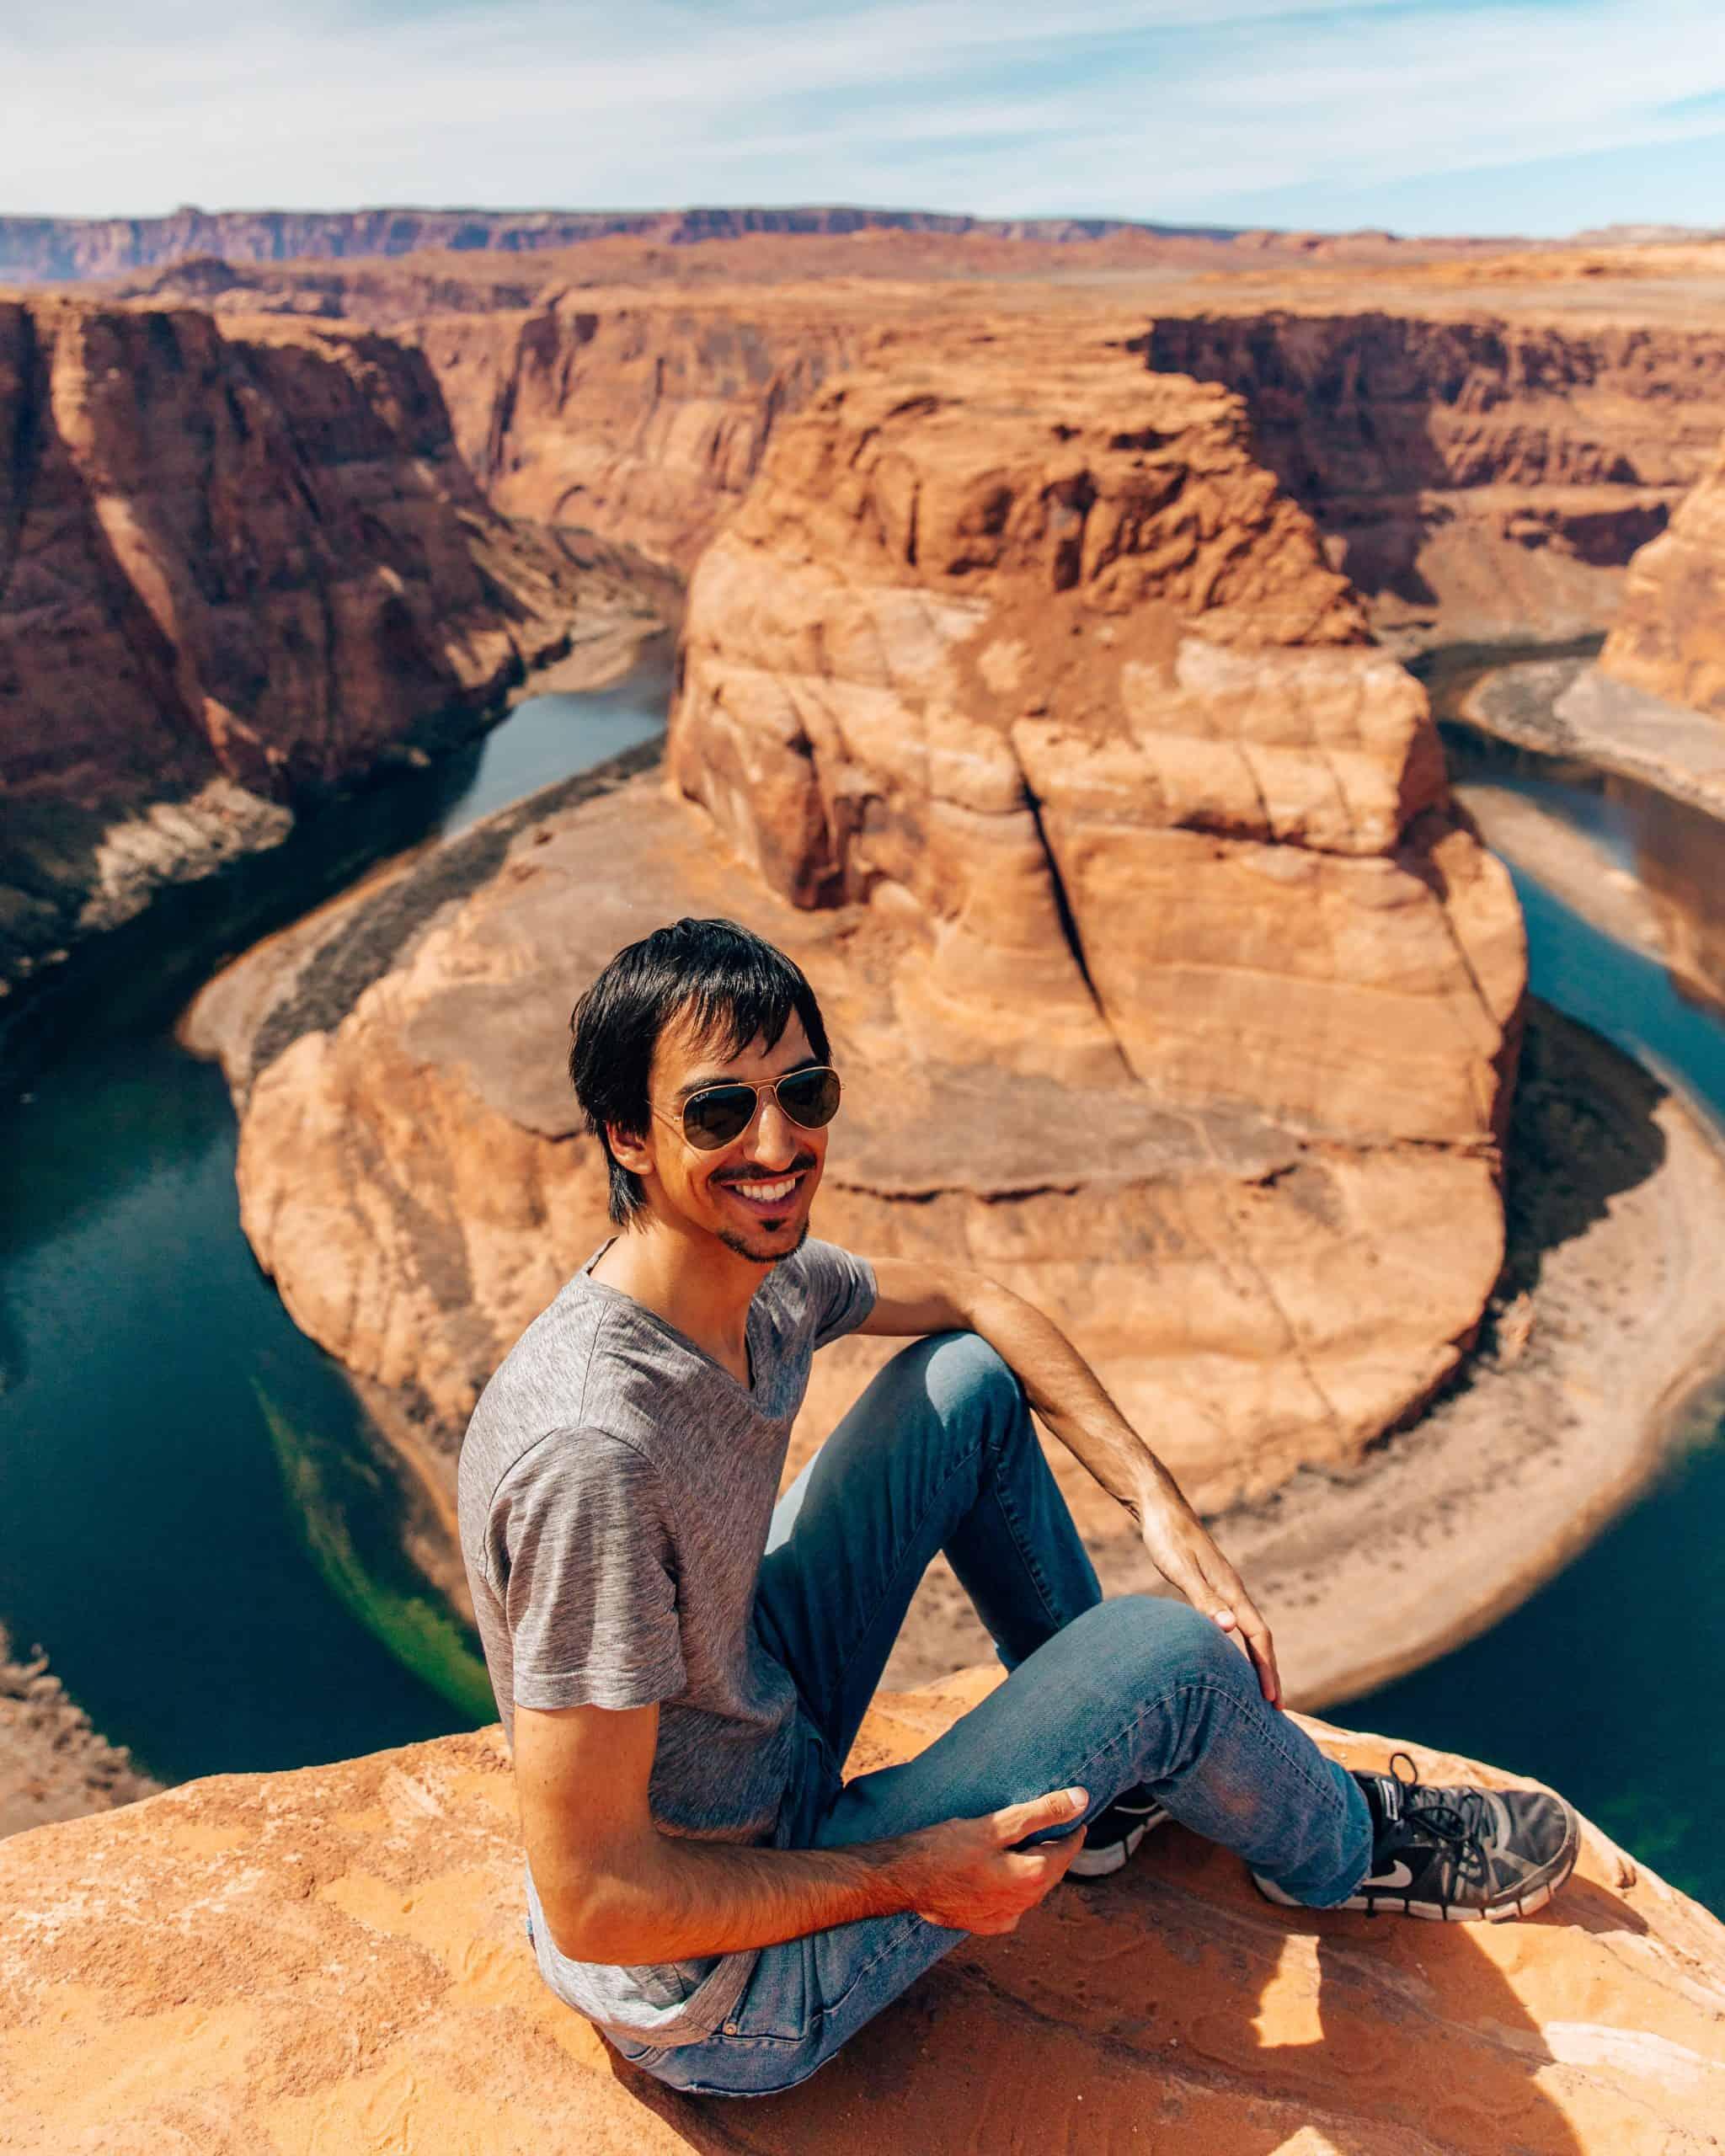 Guy Sitting on Rock at Horseshoe Bend Arizona